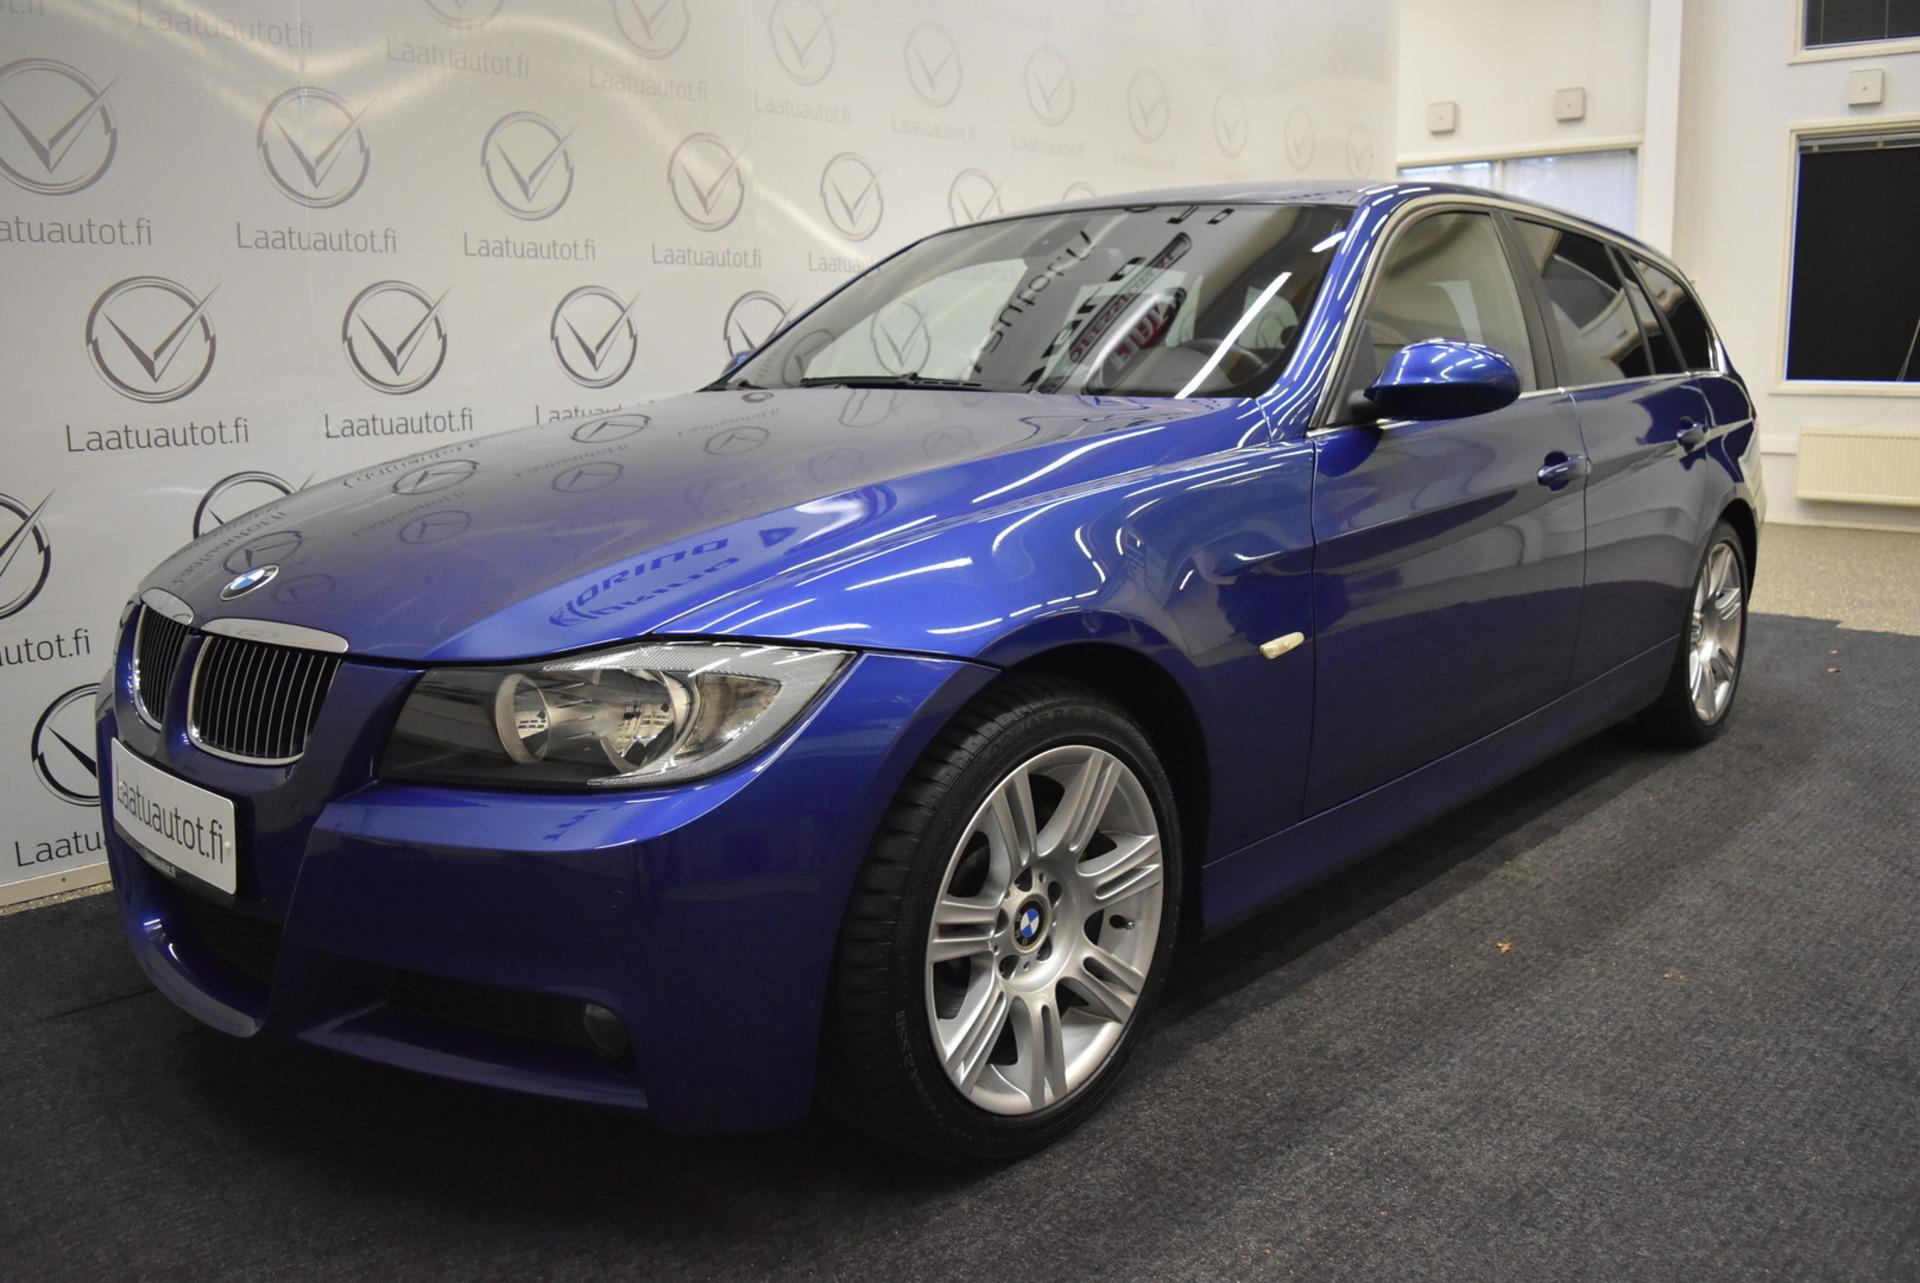 BMW 325 E91 Touring - Sport-nahat,  PDC,  Cruise,  AutoAC,  Tutkat ! Rahoitus 1.89% jopa ilman käsirahaa!